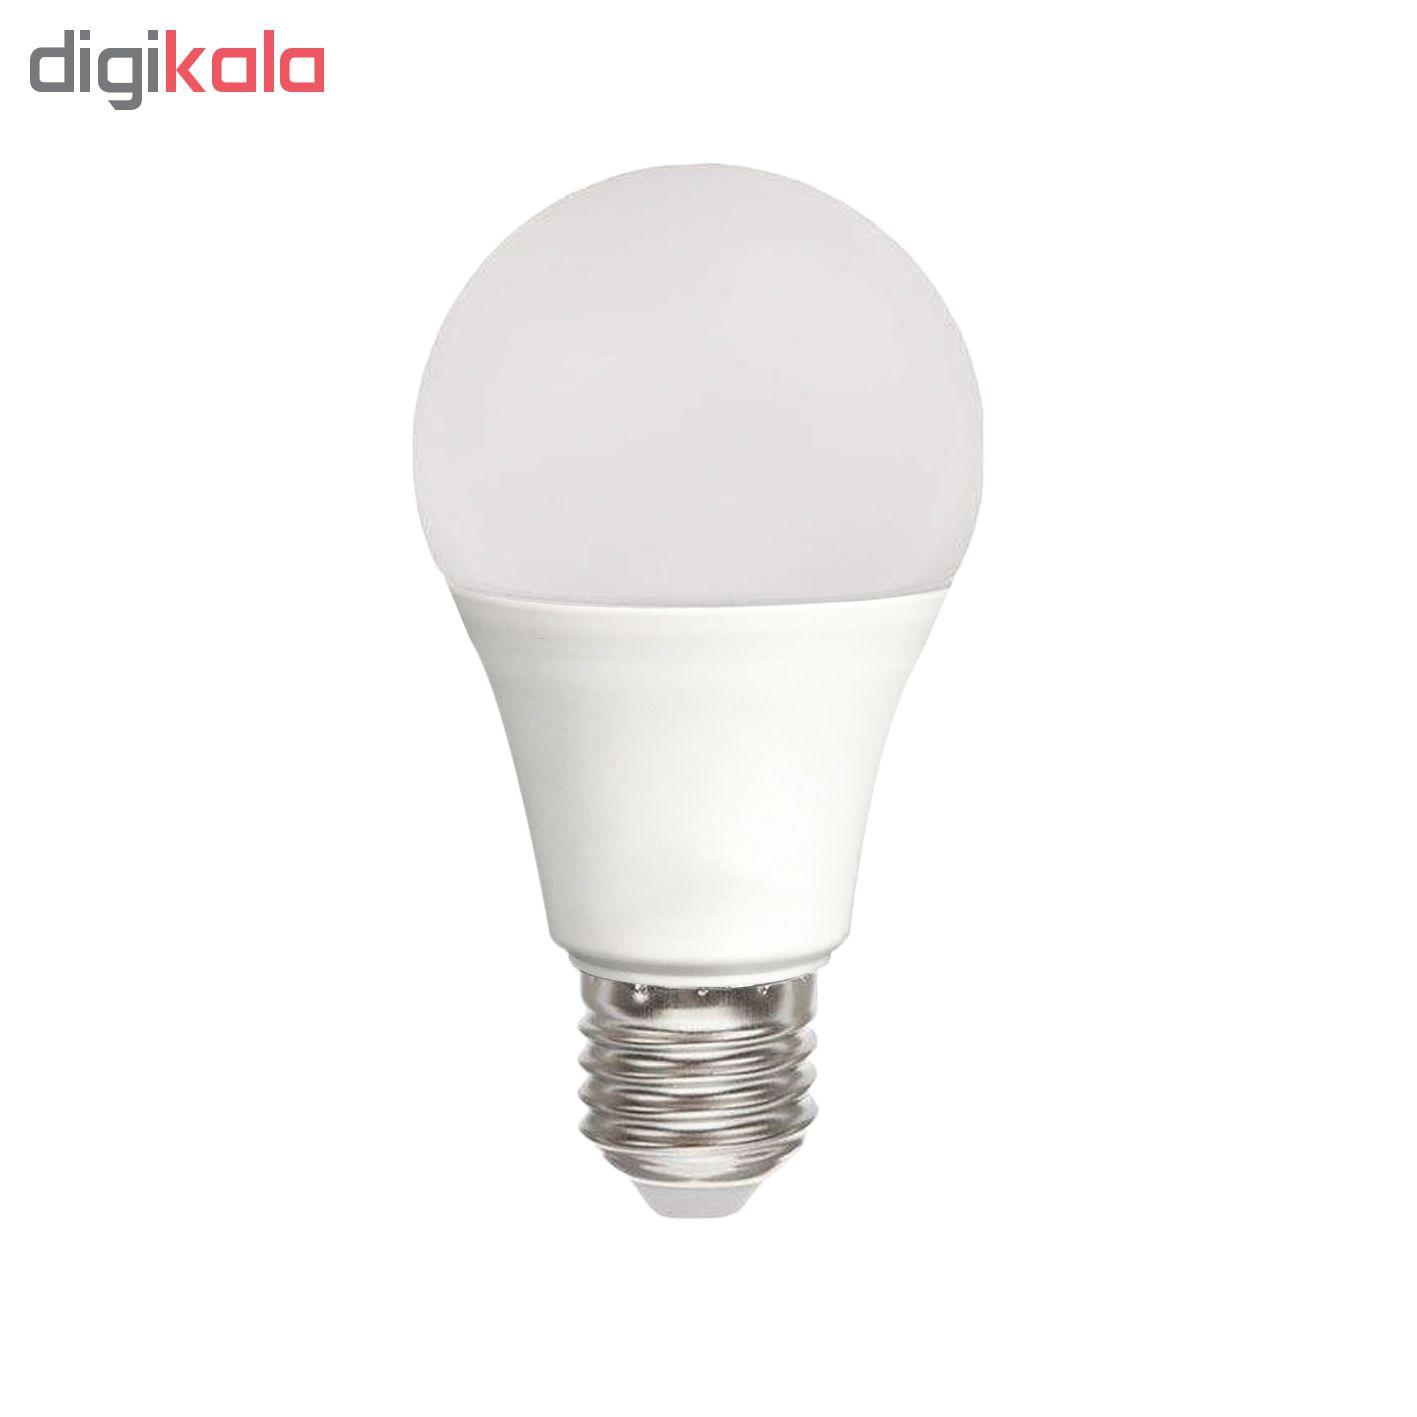 لامپ ال ای دی 12 وات اکو برایت مدل 90LM پایه E27 thumb 2 1